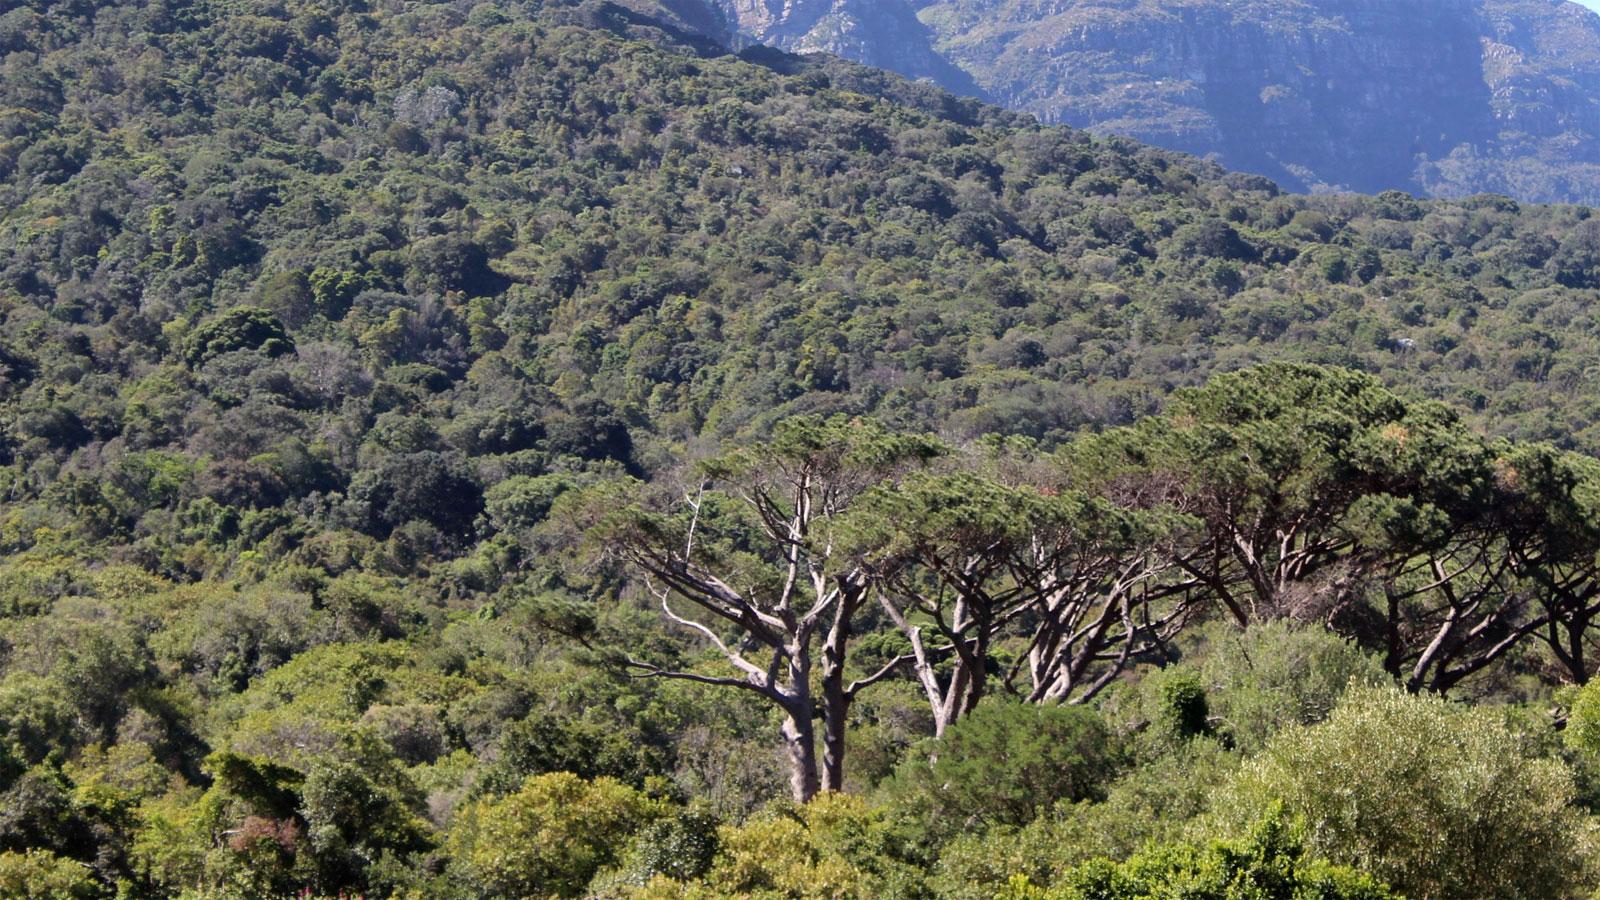 Trees, trees, trees